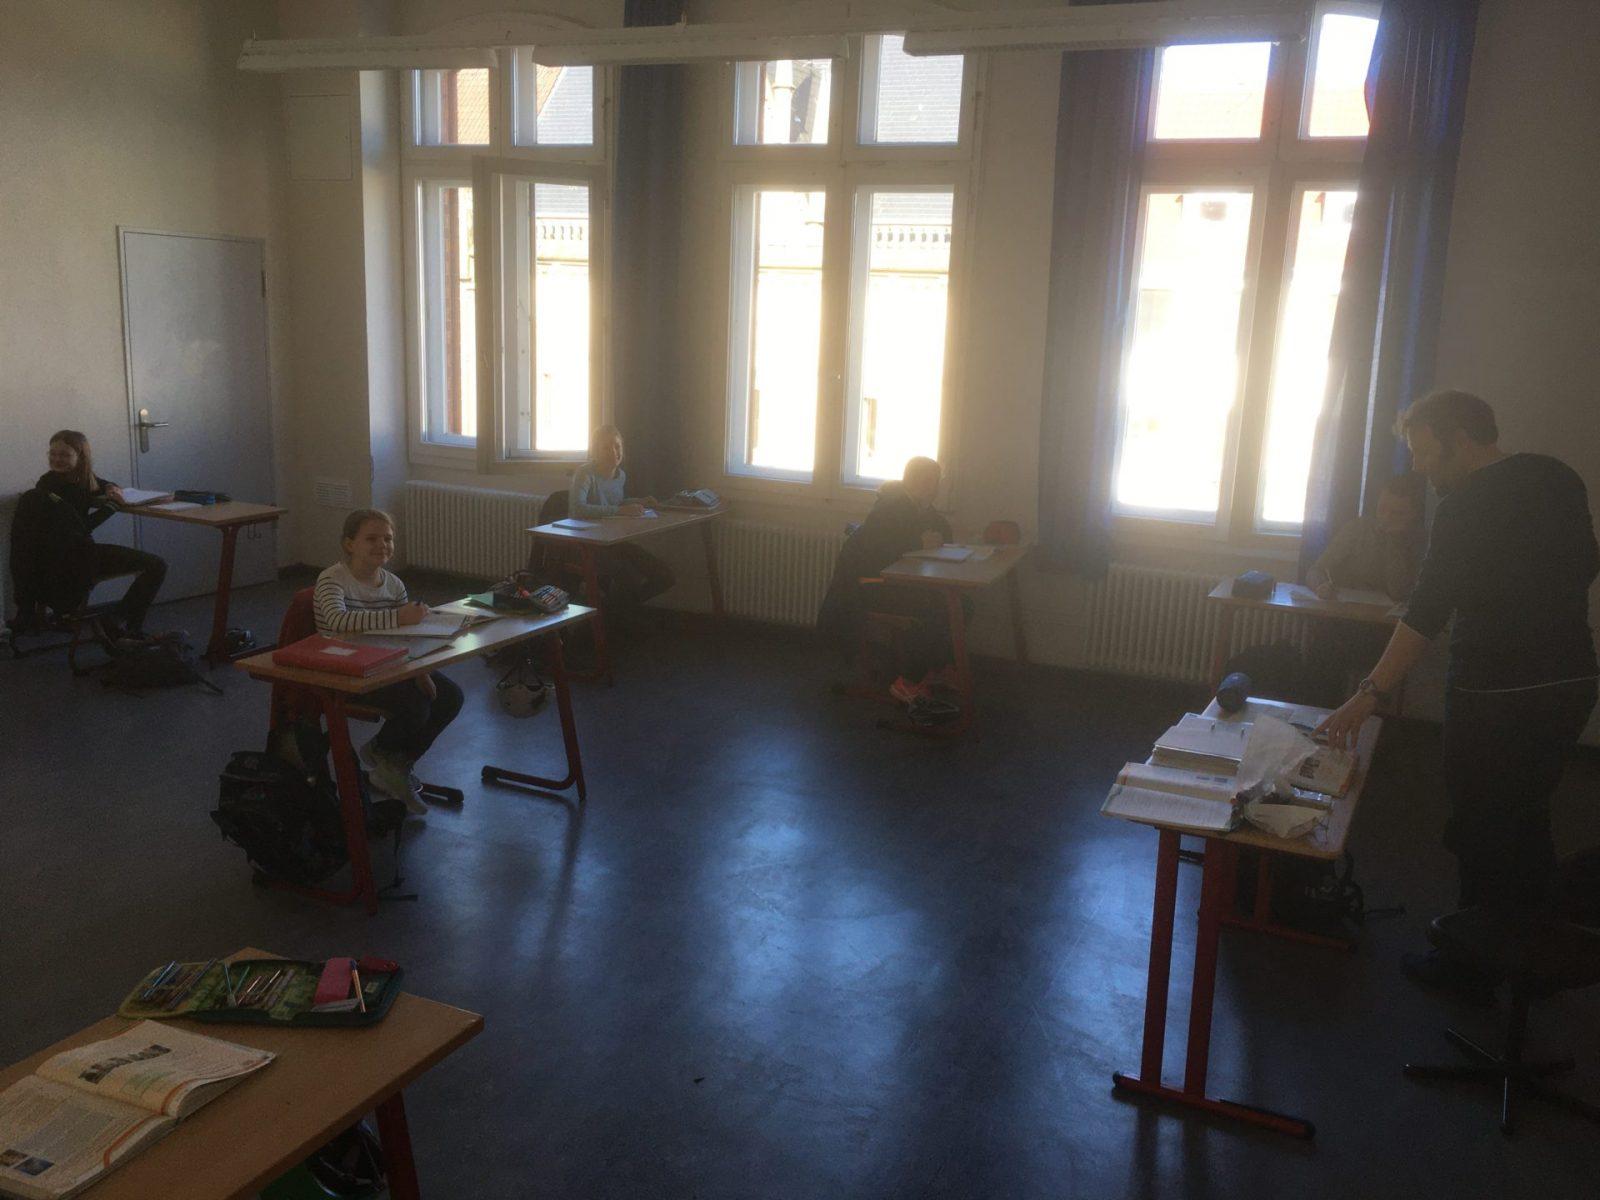 Erster Schultag nach Schulschließung wegen Corona-Krise